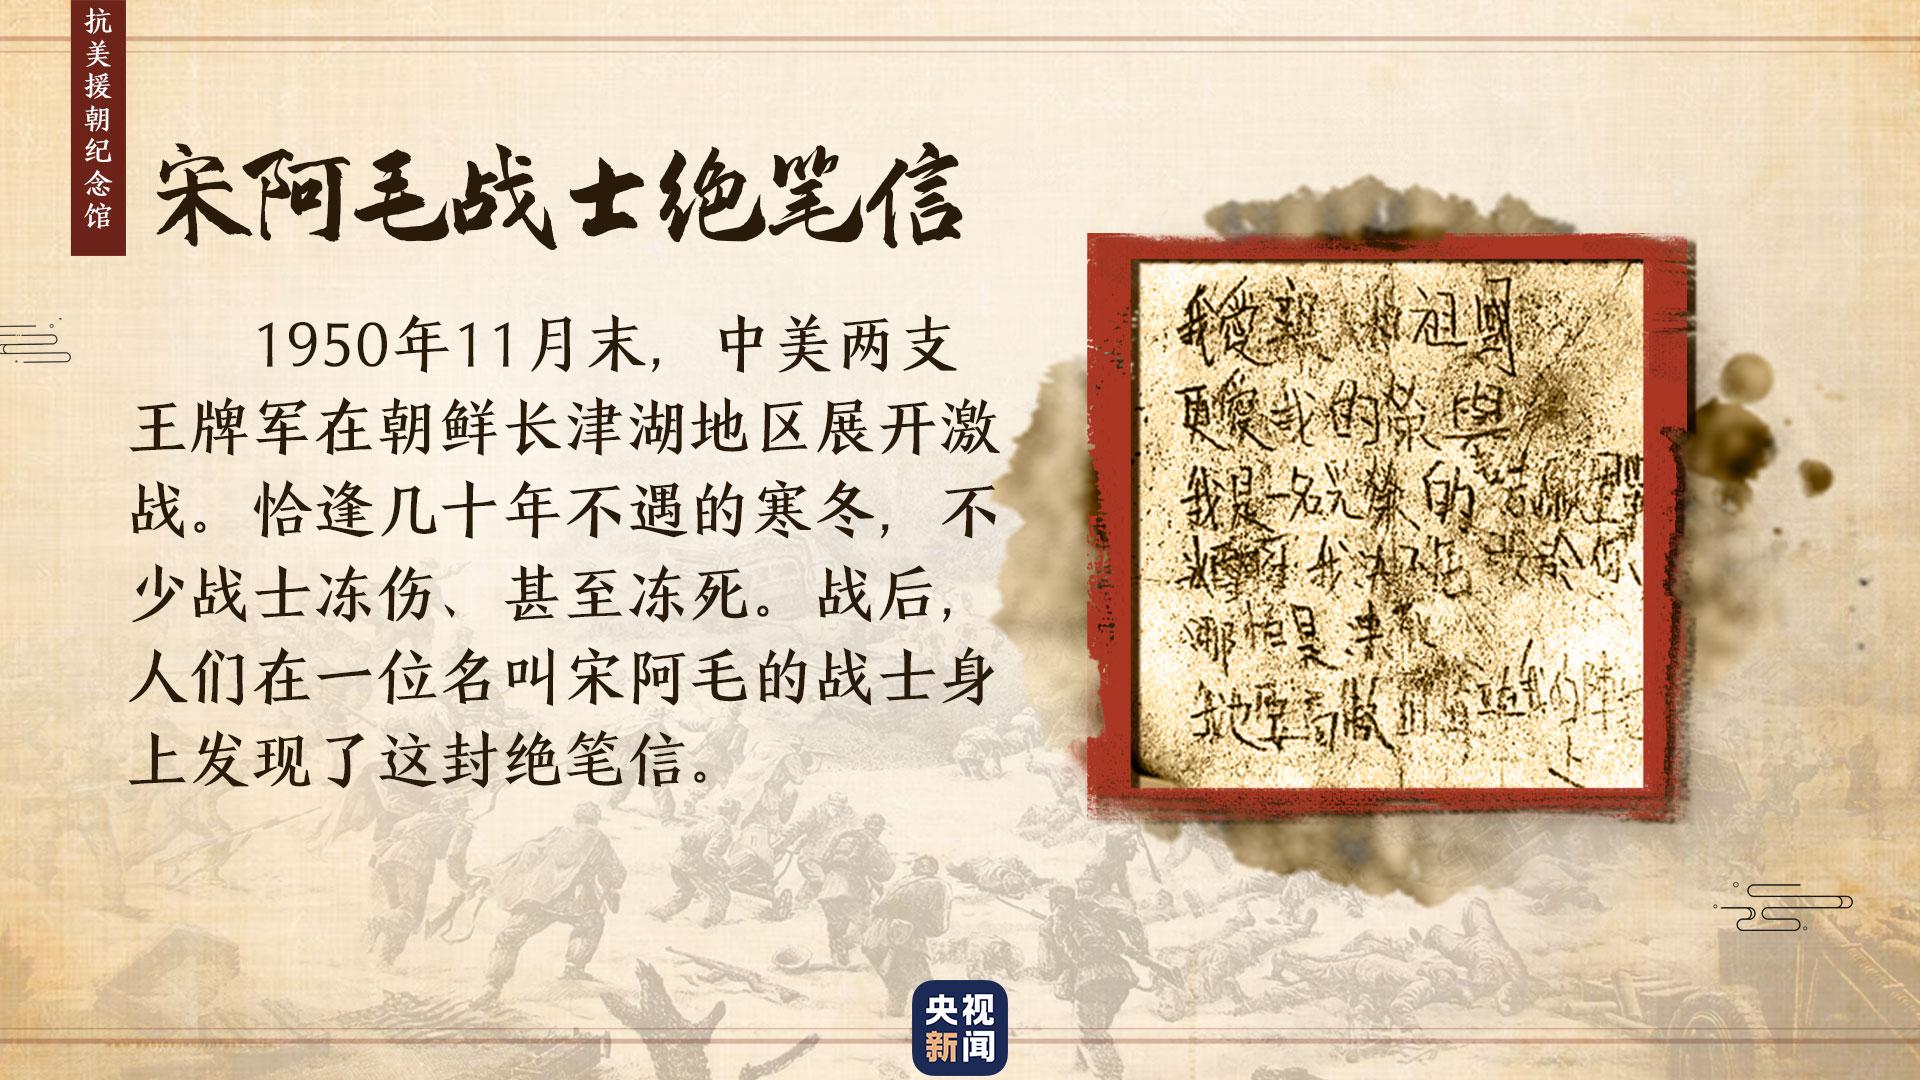 鑒往知來丨紀念館中的抗美援朝歷史-圖5